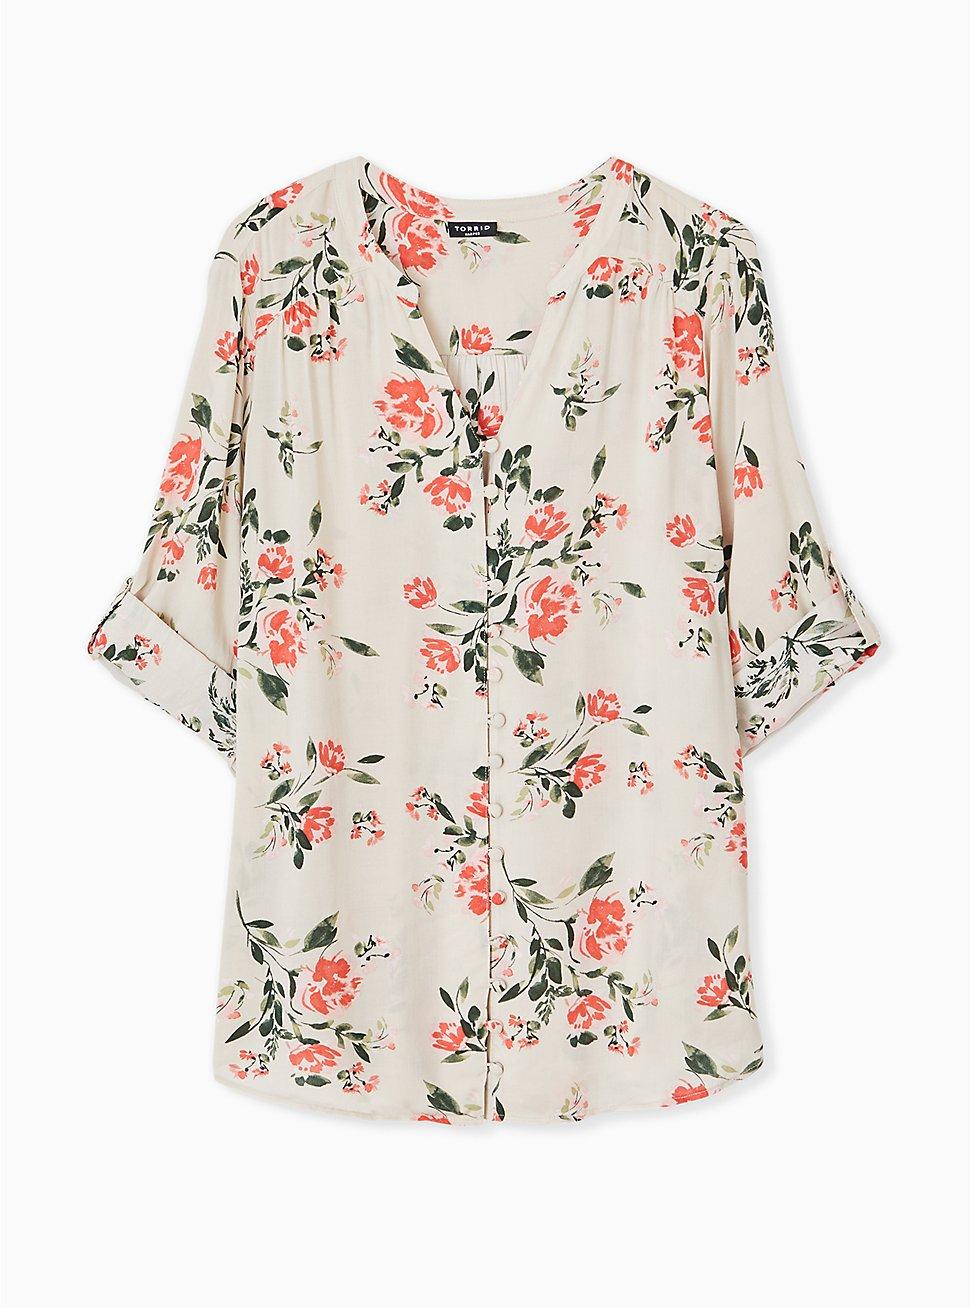 Harper - Tan Floral Challis Button Front Blouse, FLORAL - GREY, hi-res